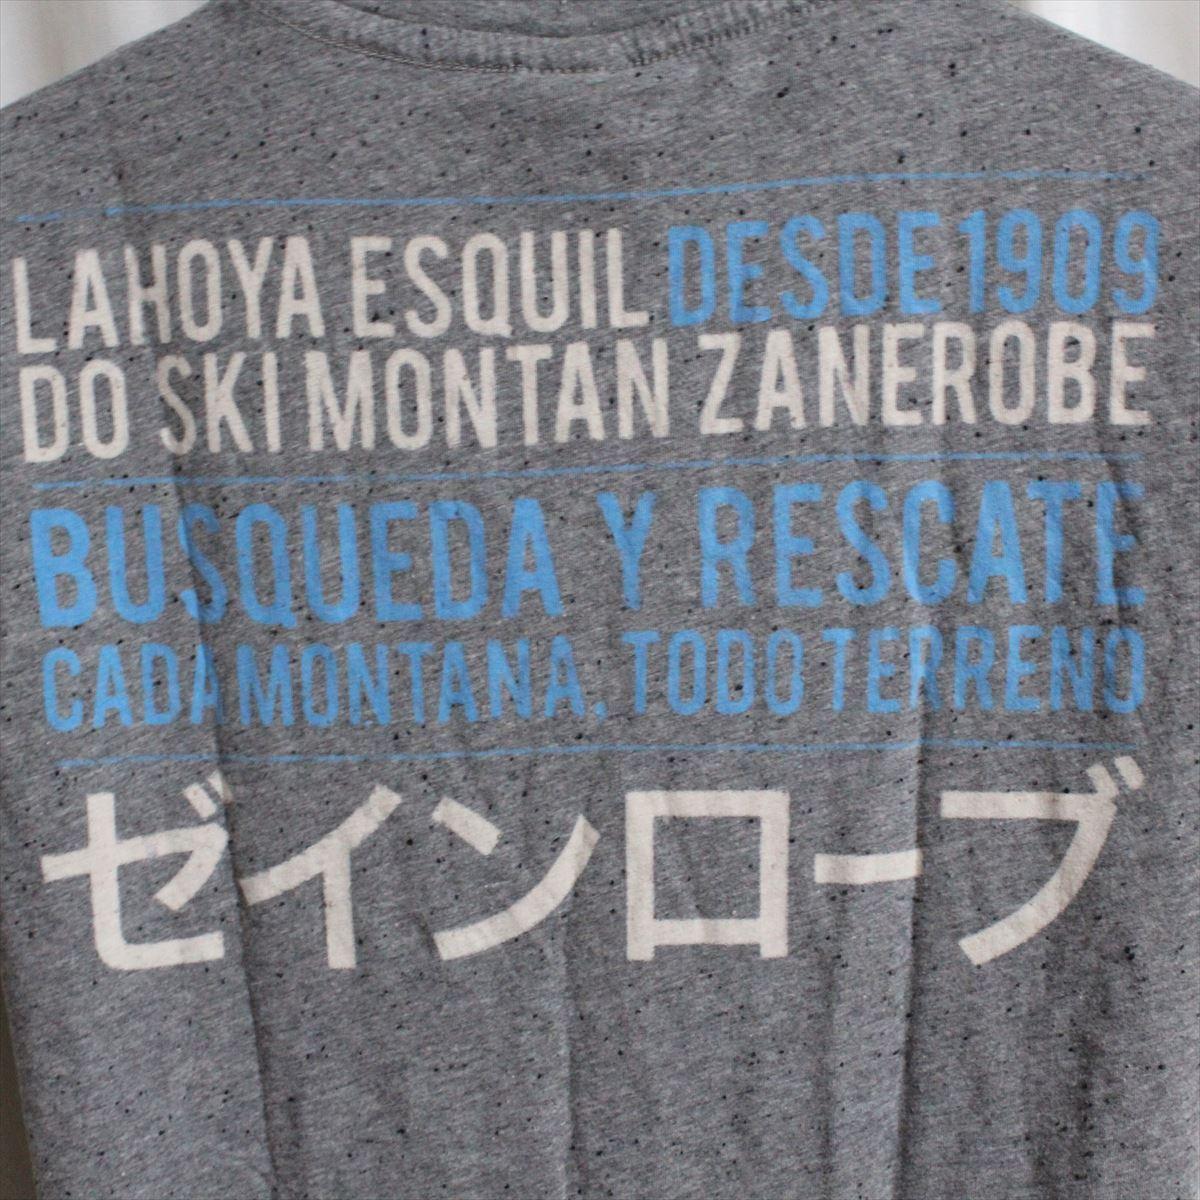 ゼインローブ ZANEROBE メンズ半袖Tシャツ グレー XSサイズ 新品 ESQUIL_画像4